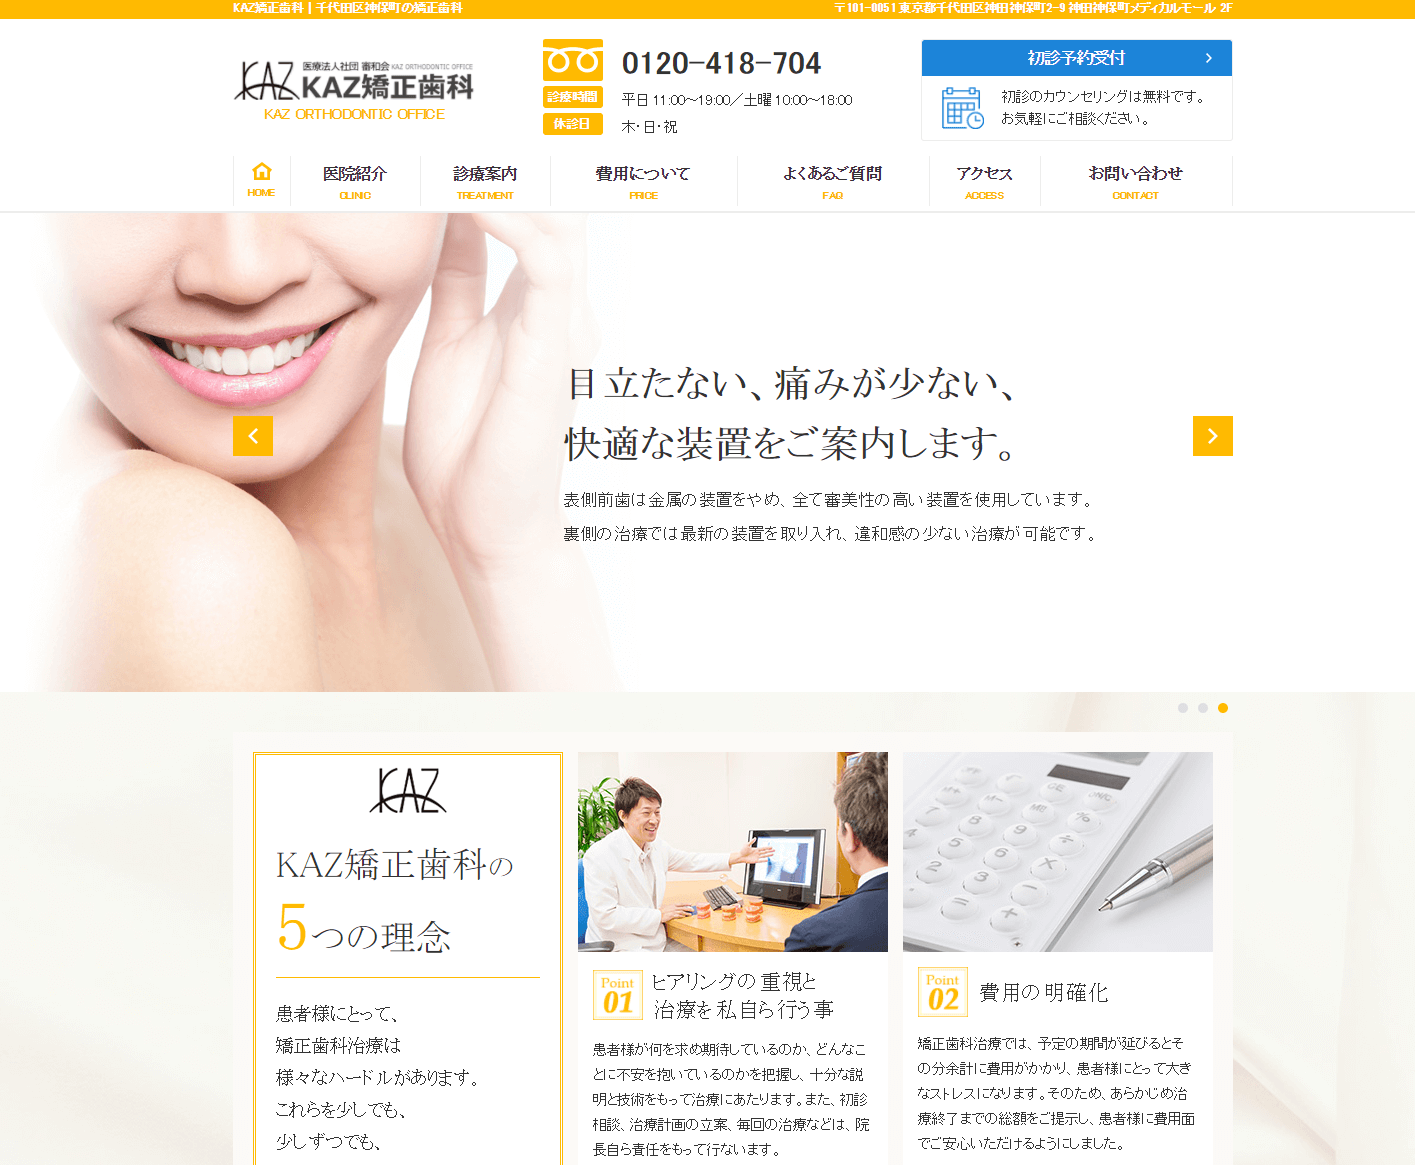 KAZ矯正歯科(サイトイメージ)